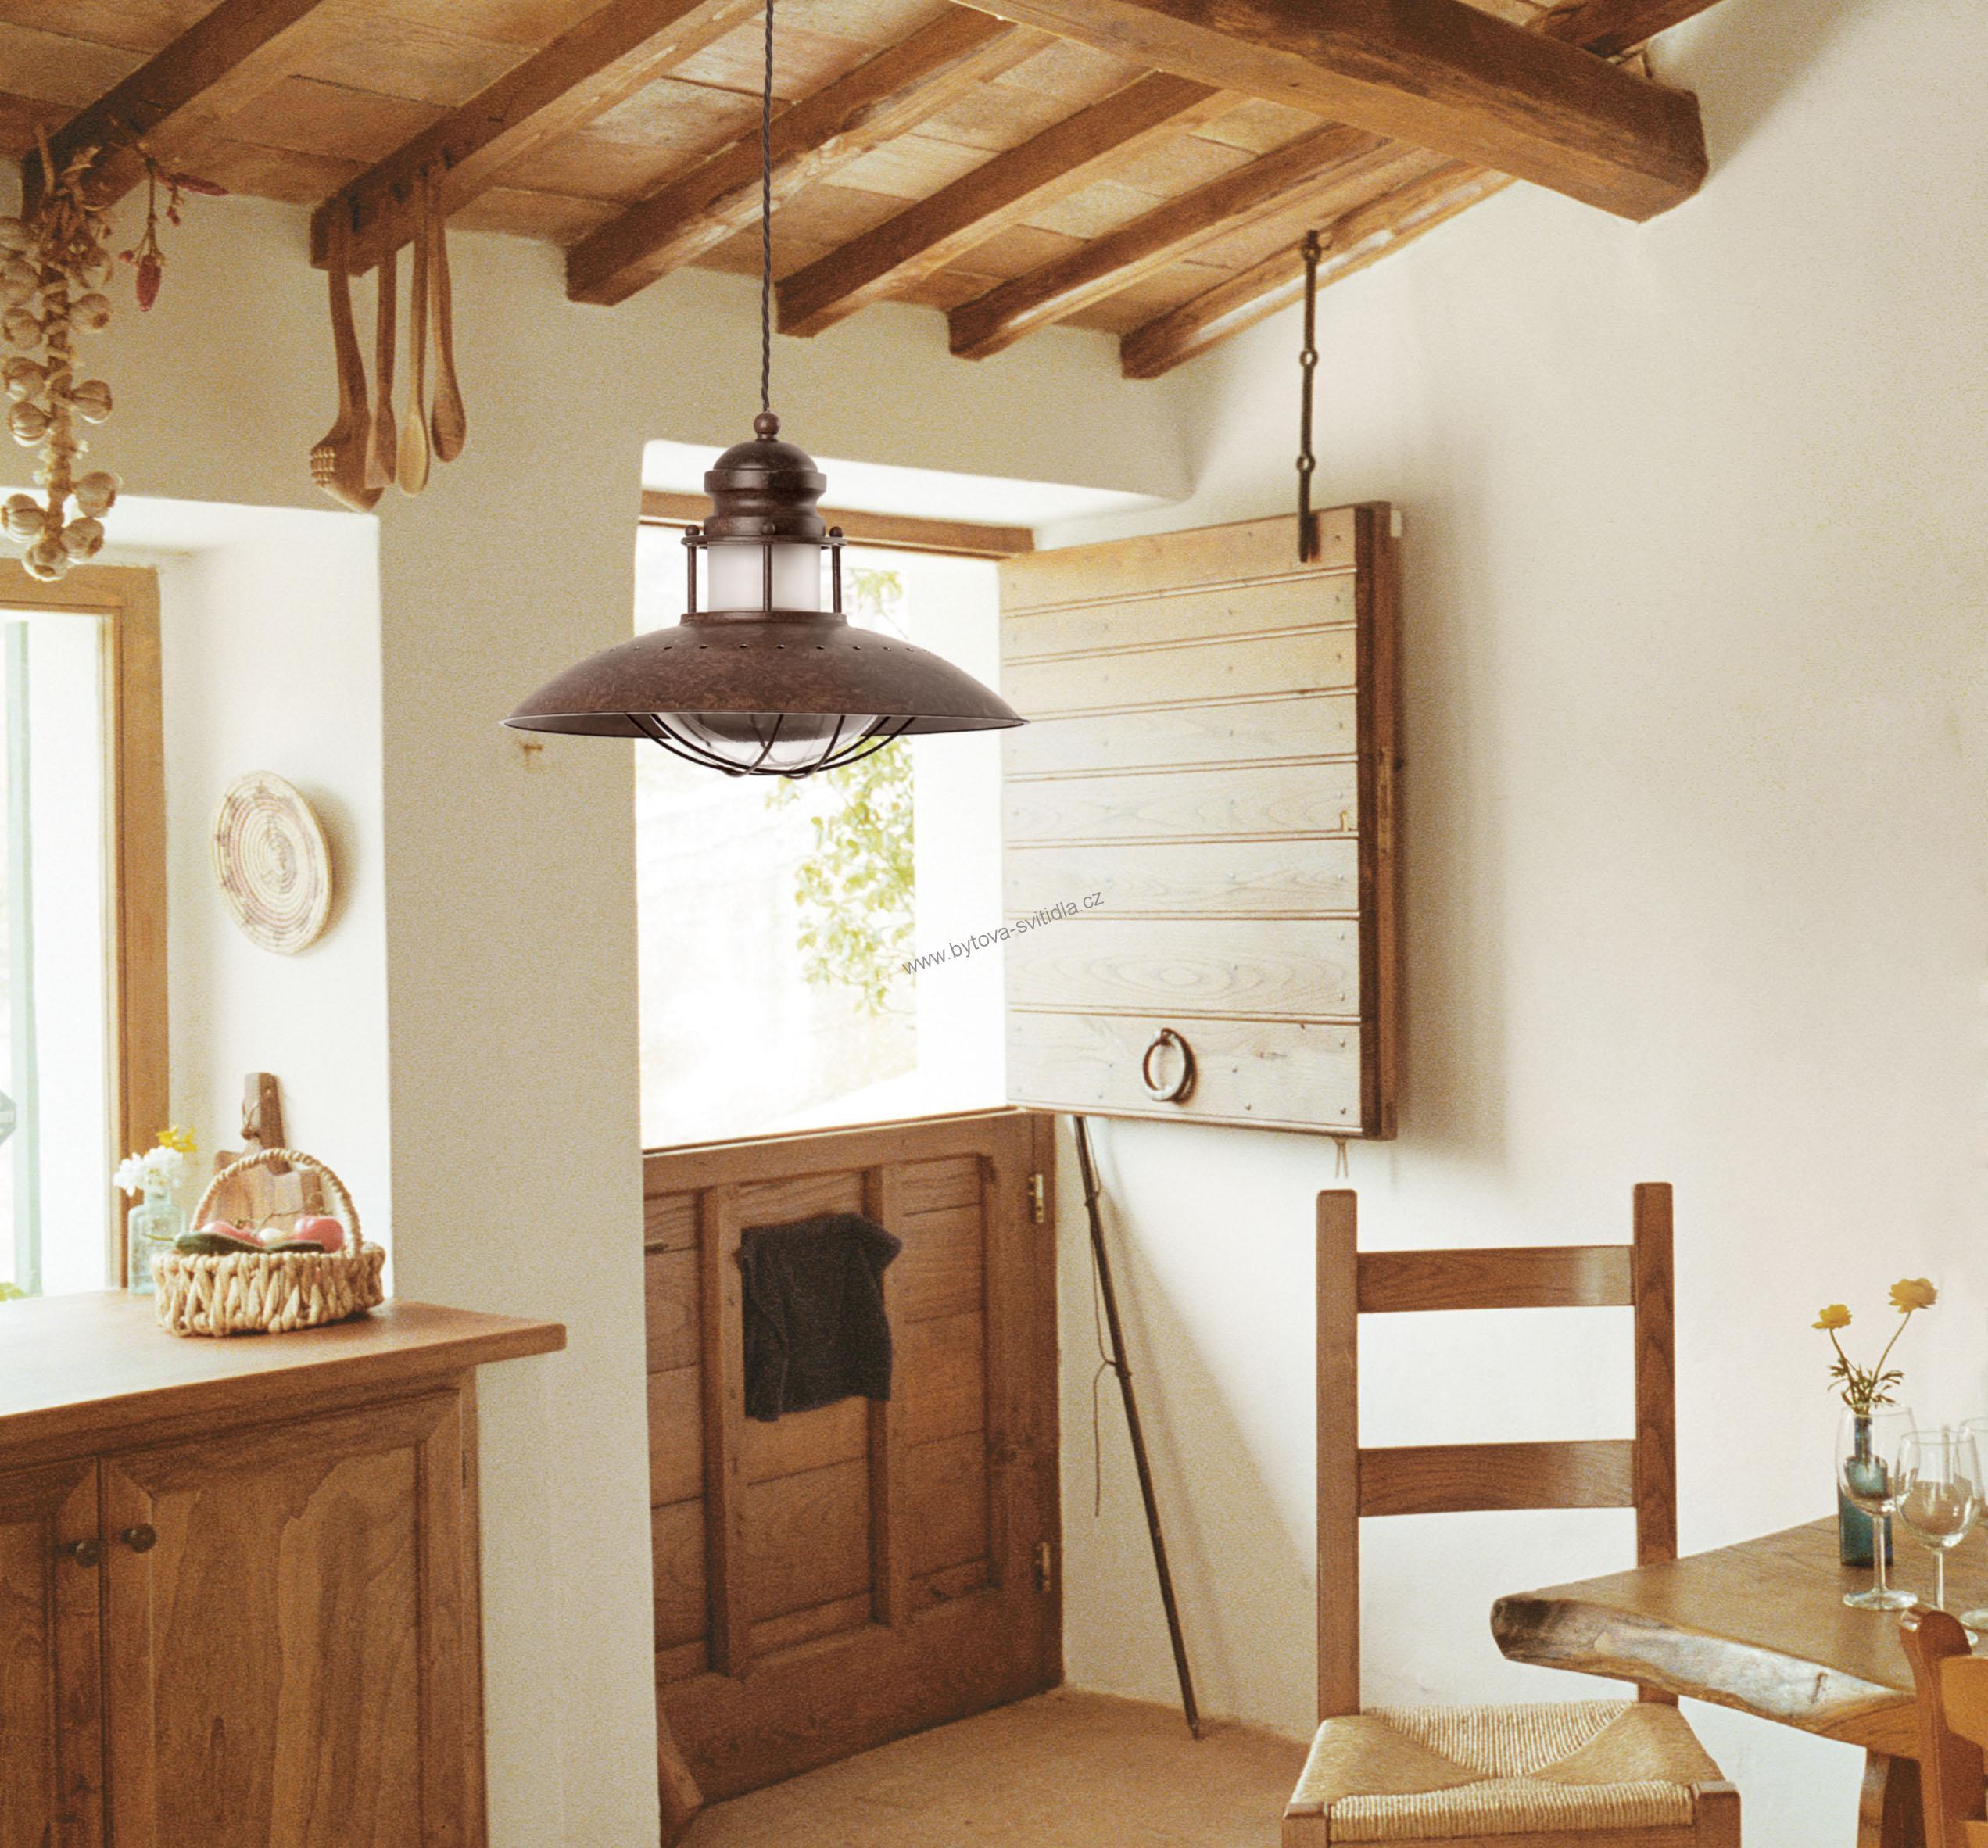 Faro 66204 winch retro z v sn lampa - Lamparas de cocina rusticas ...